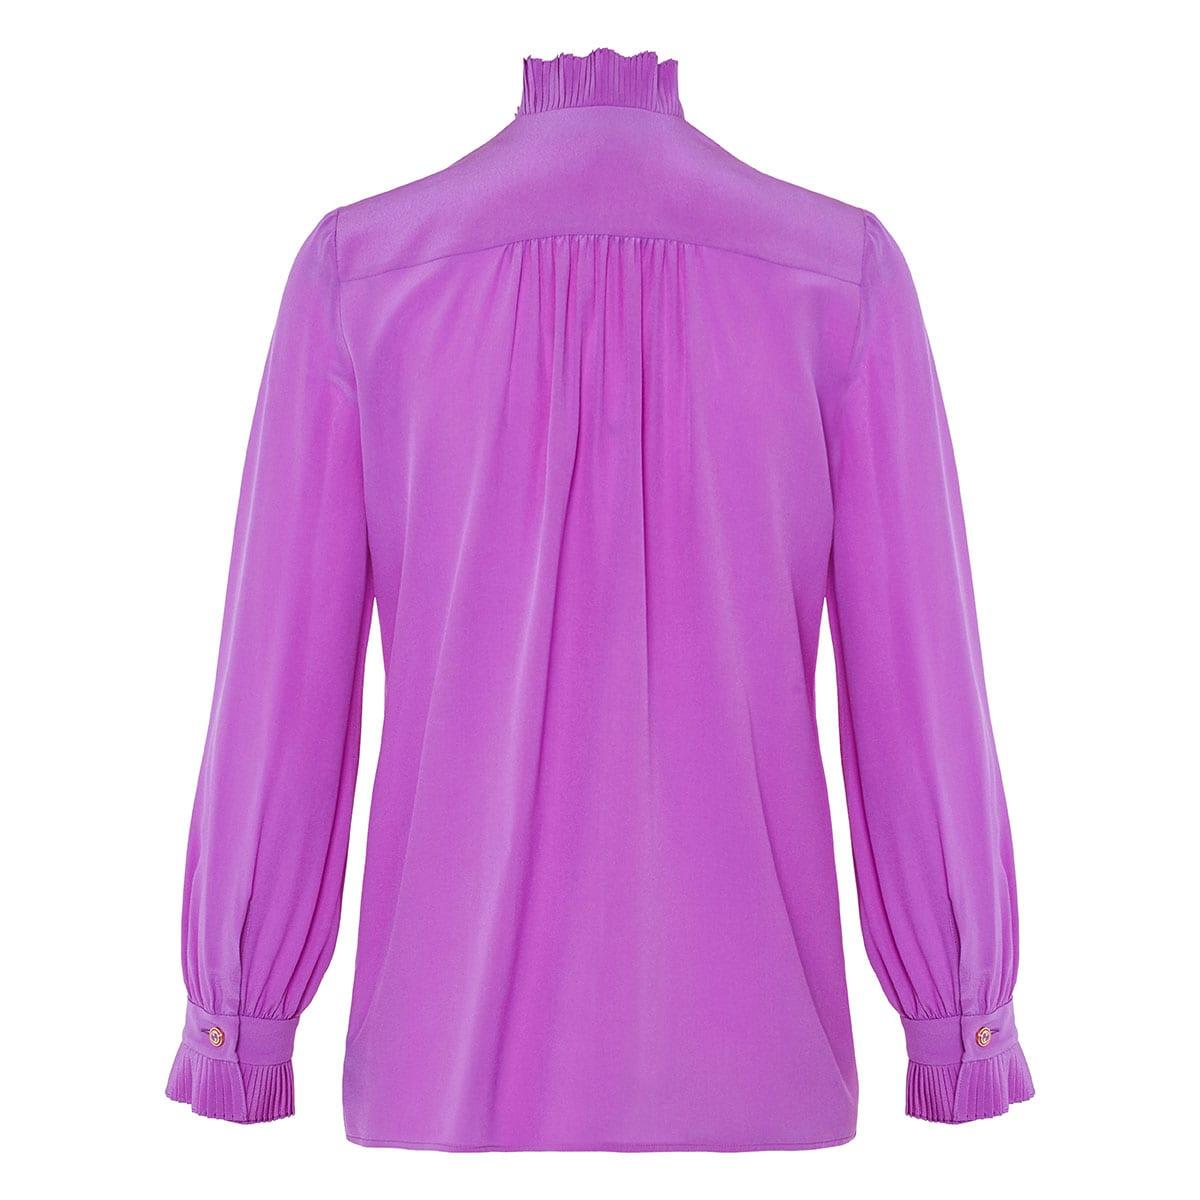 Ruffle-trimmed silk shirt